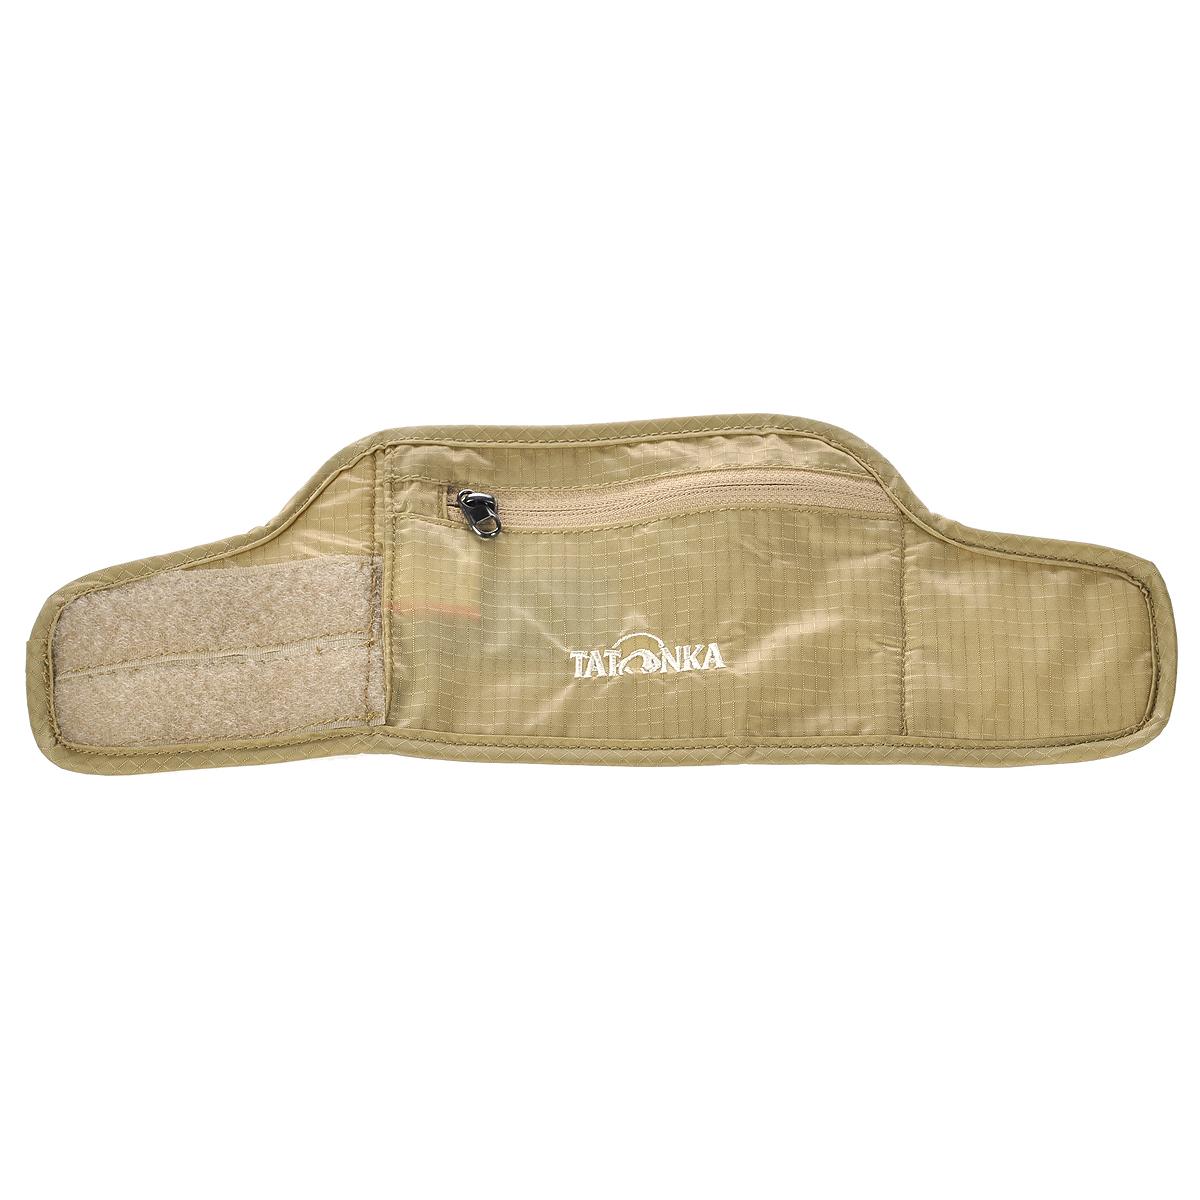 Кошелек на запястье Tatonka  Skin Wrist Wallet , потайной, цвет: бежевый - Несессеры и кошельки